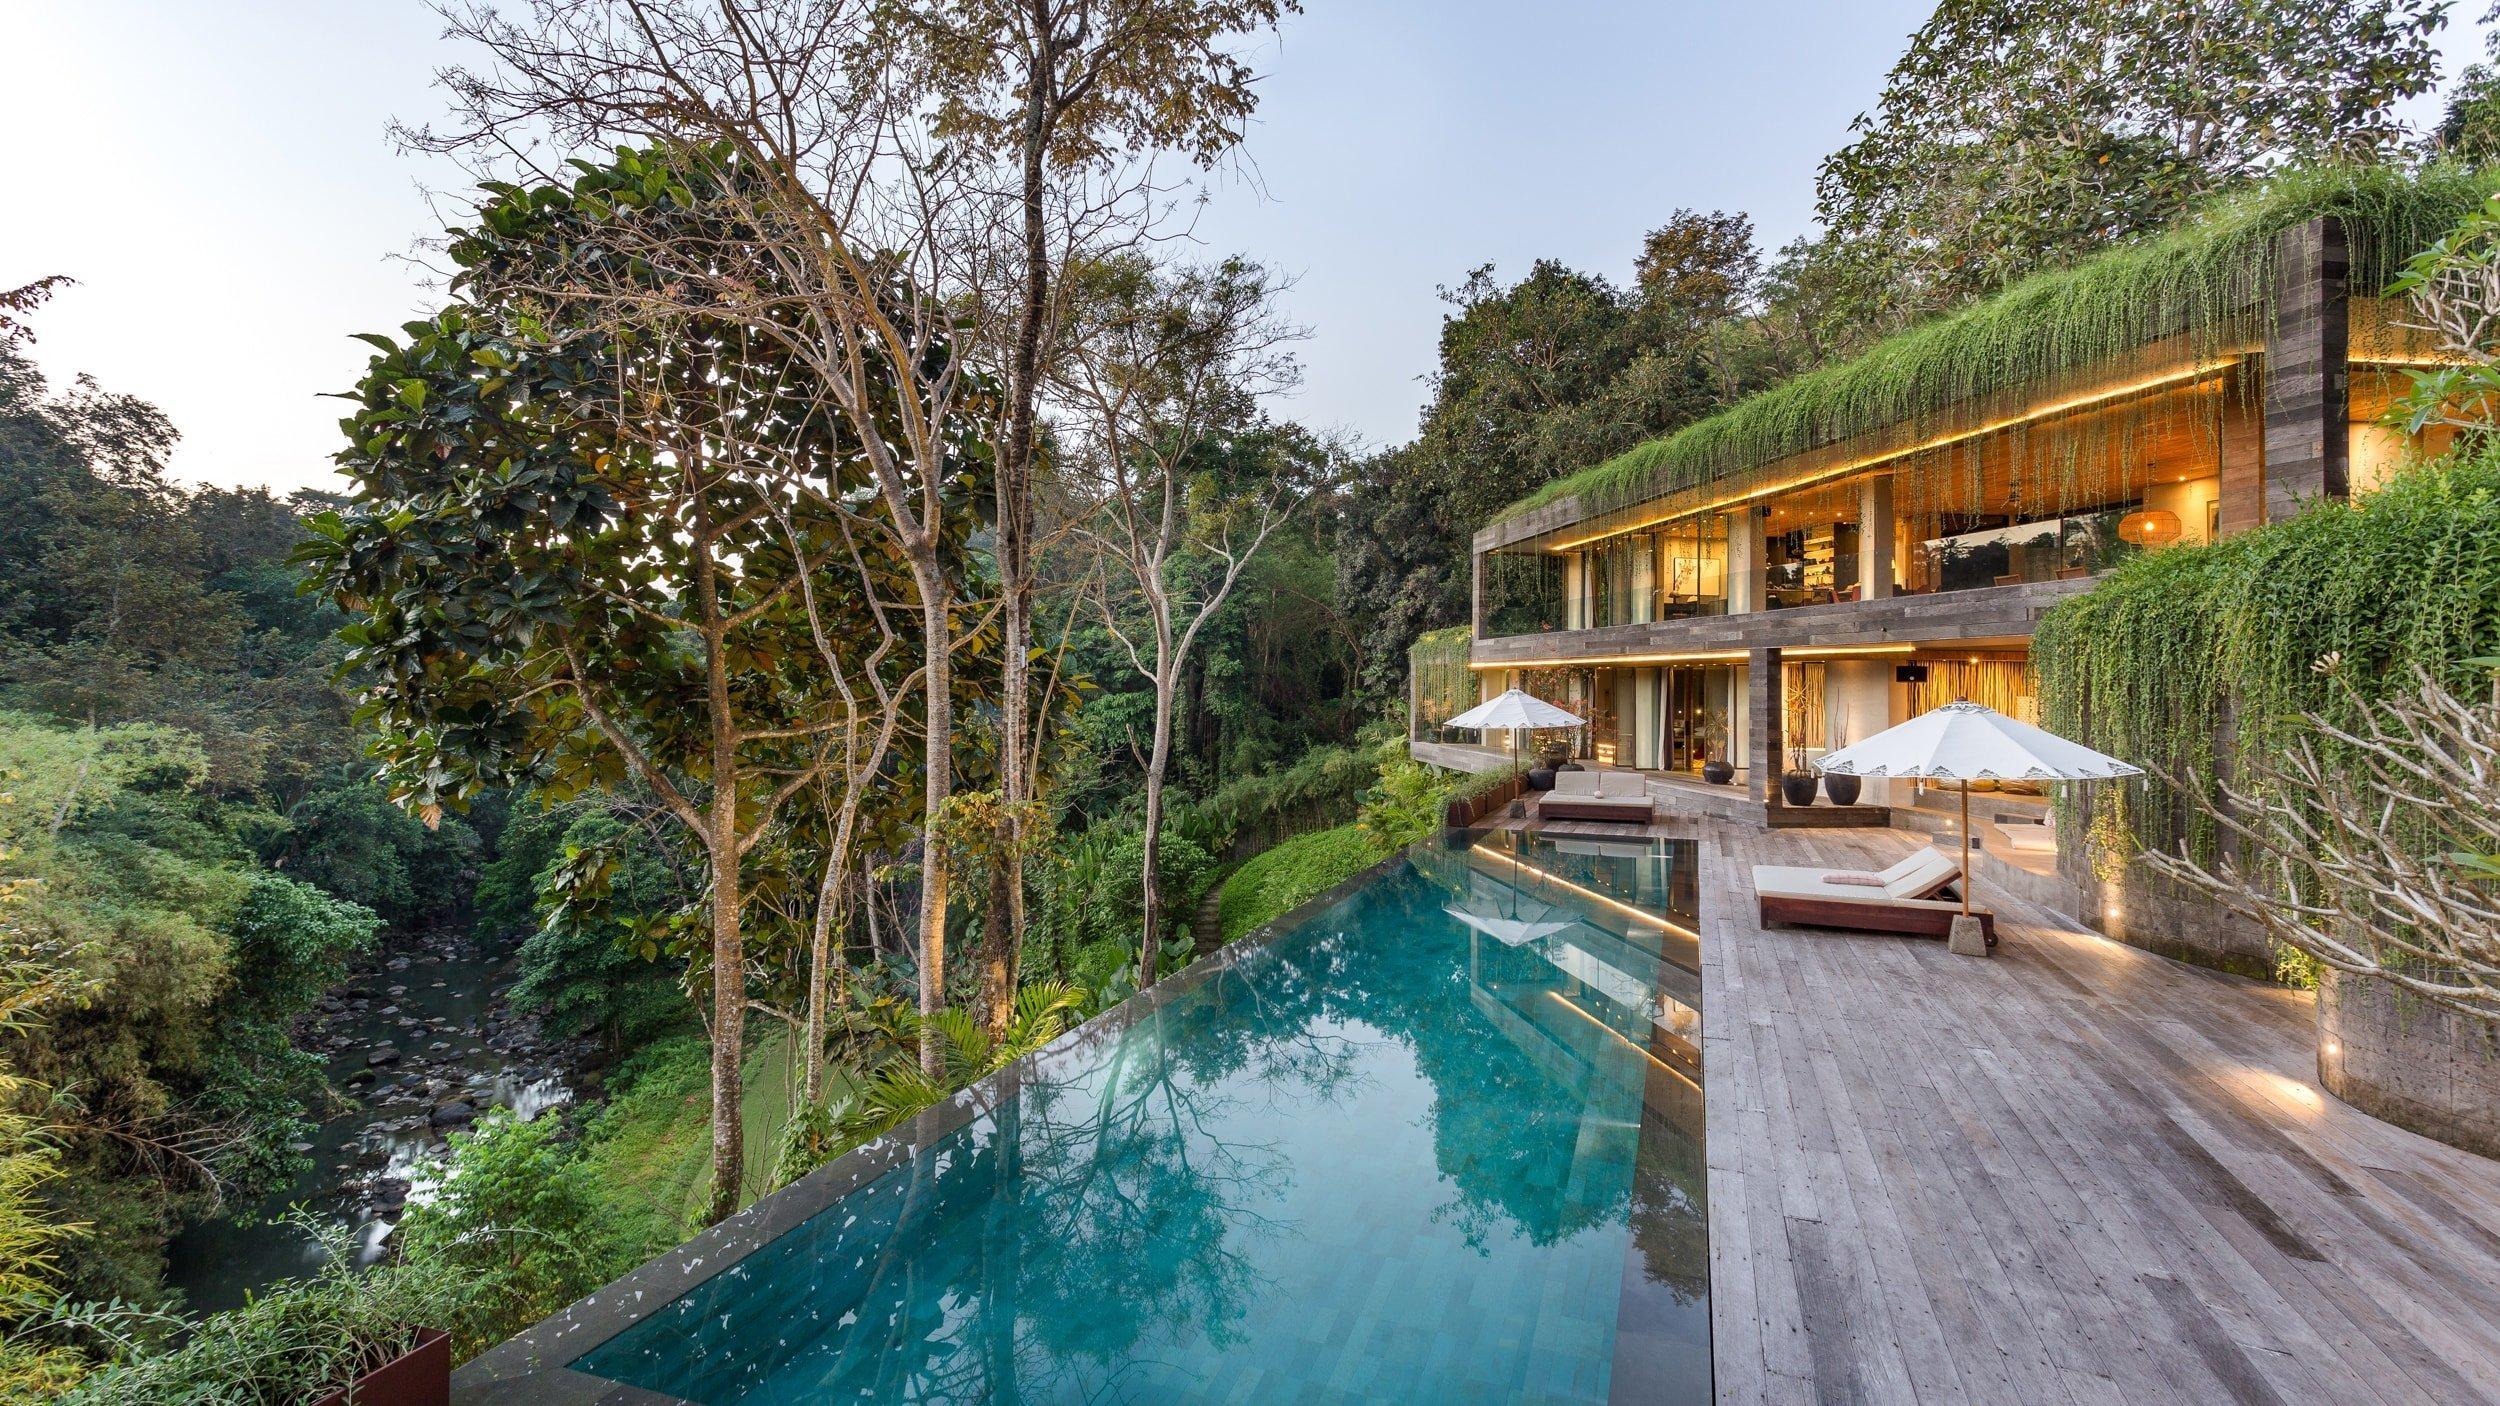 """Tento dům, který architekti příhodně nazývají """"Chameleon"""" je přímou ukázkou toho, jak krásně může vypadat netradiční dům vpasovaný do uchvacující balijské přírody. Dům překvapuje mnohými detaily, zákoutími, ale i svojí dokonalou funkčností."""